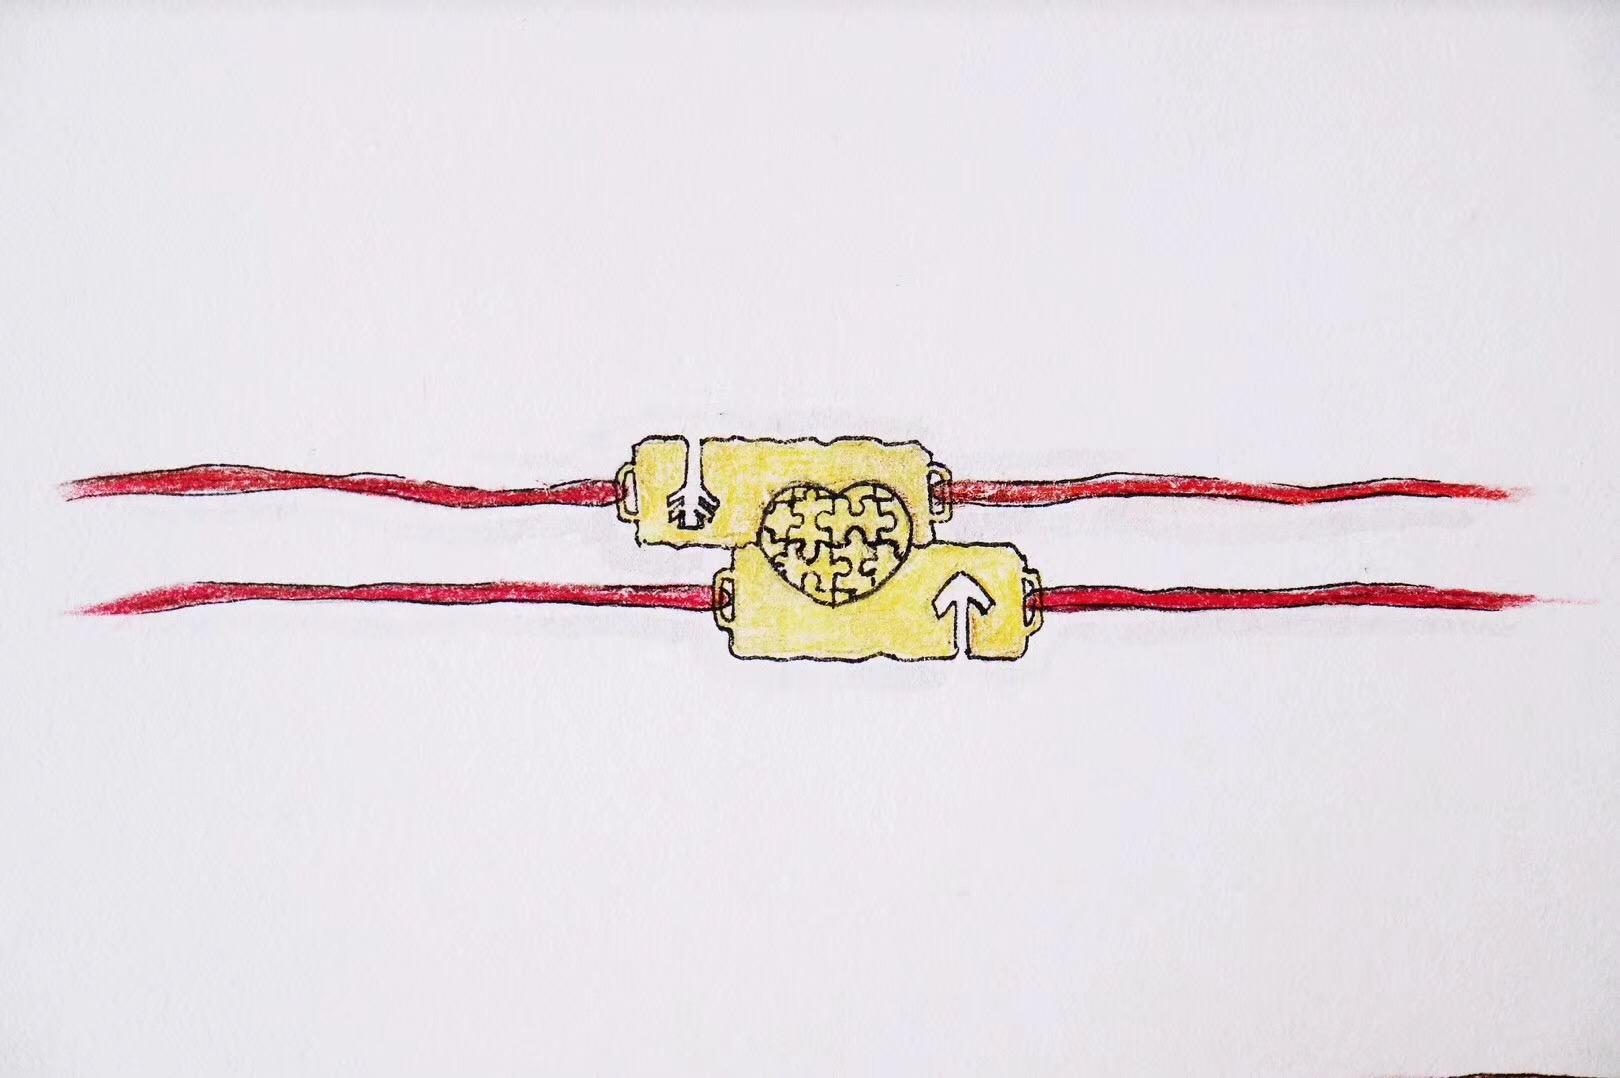 【菩心|红绳守护手链定制-18k】菩心的小心机,宝宝们要懂哦!-菩心晶舍